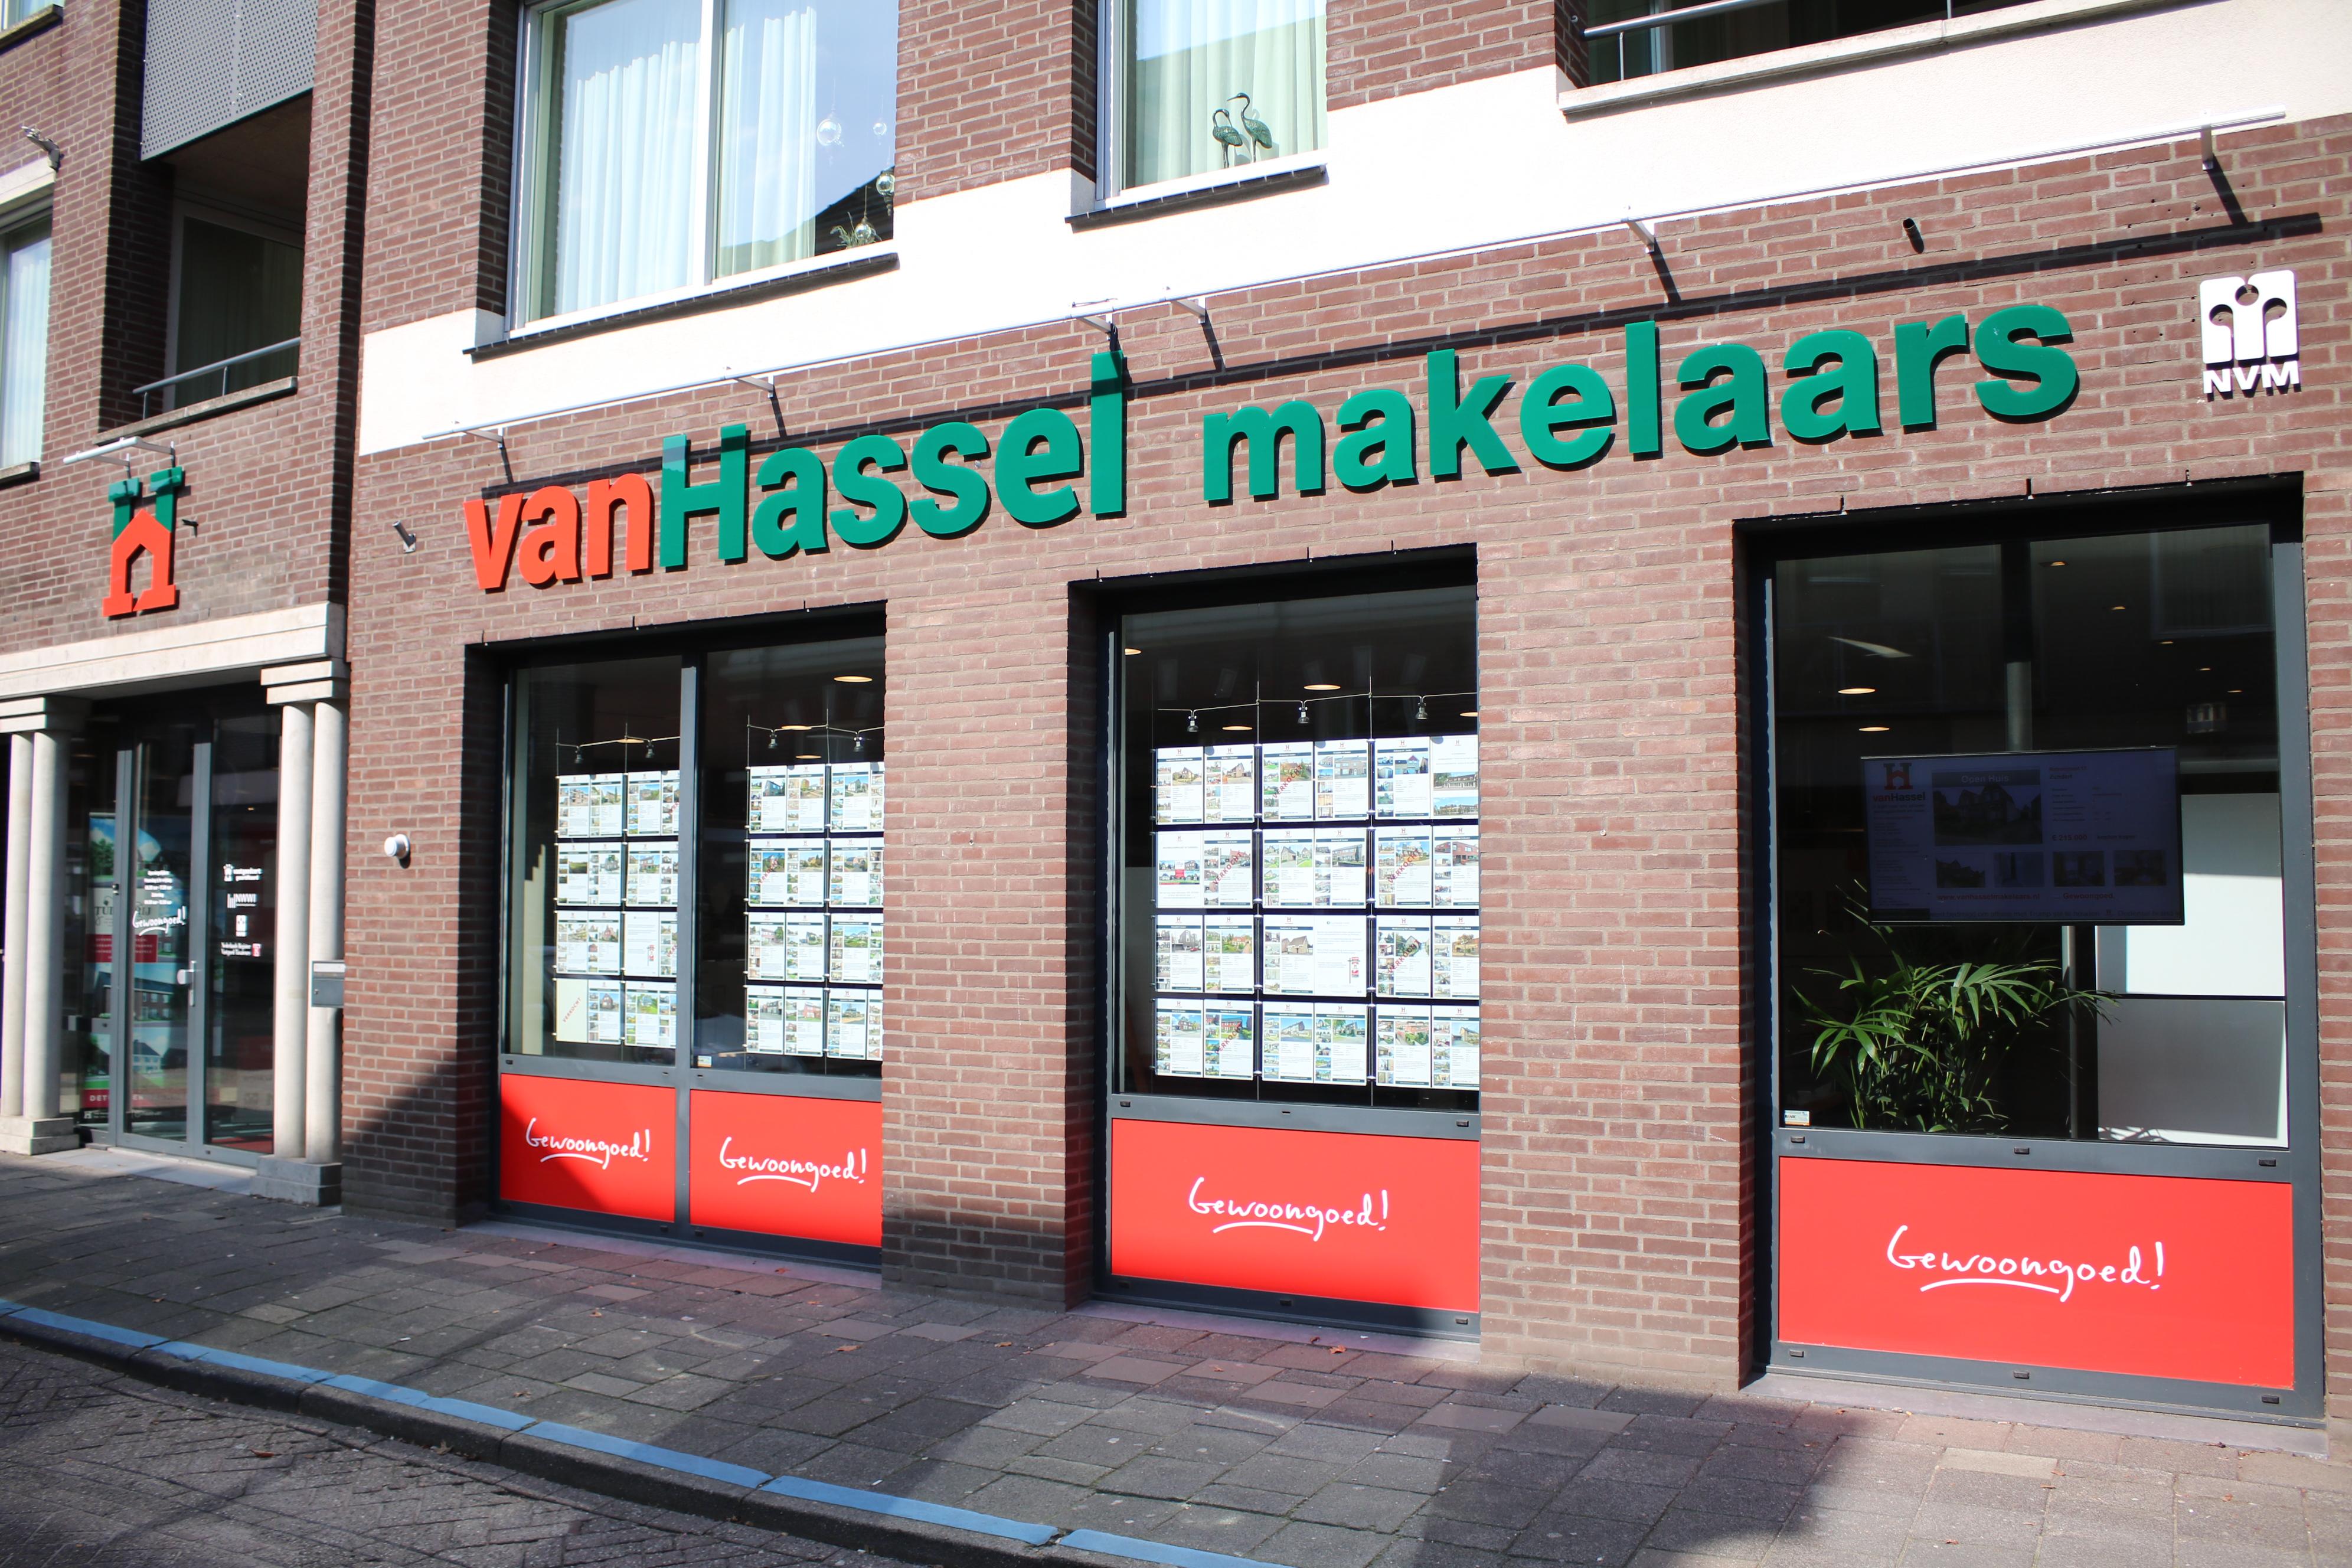 Kantoor Vestiging Van Hassel makelaars o.g.